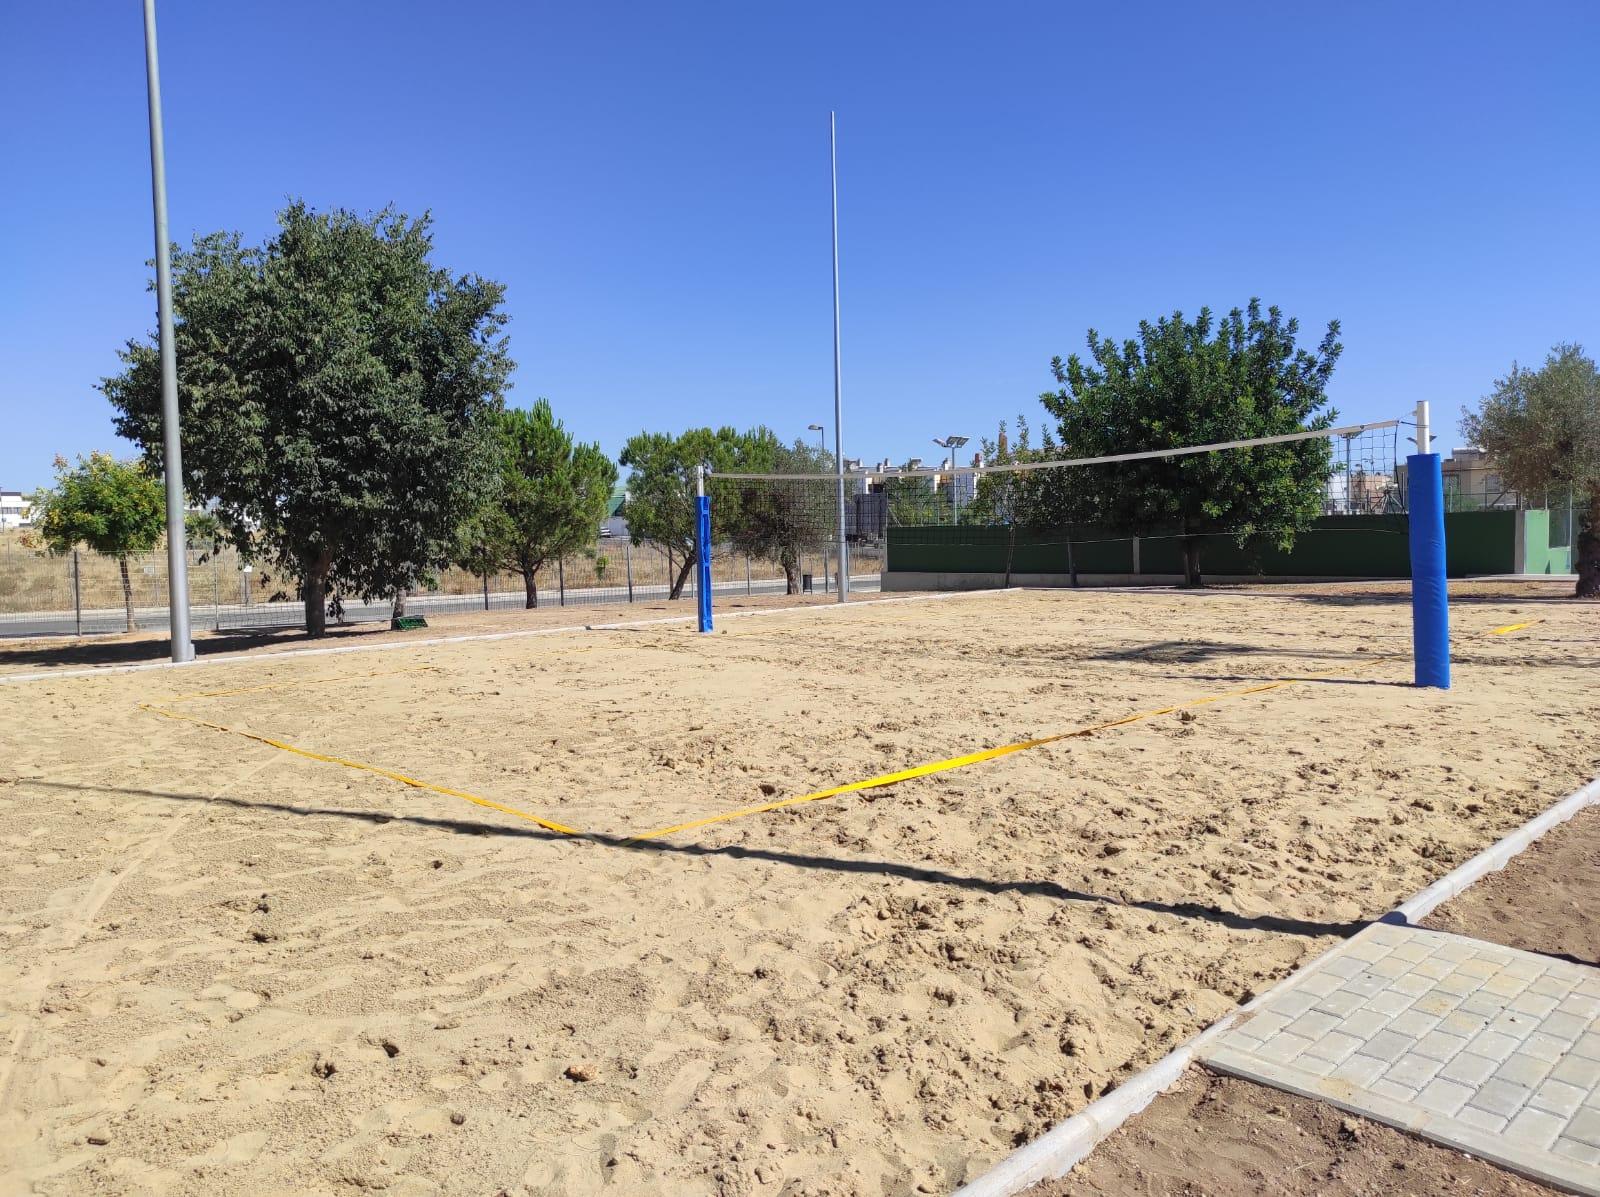 El Ayuntamiento de Alcalá invierte más de 220.000 eurosen obras de mejora en el Complejo Deportivo Distrito Sur 3